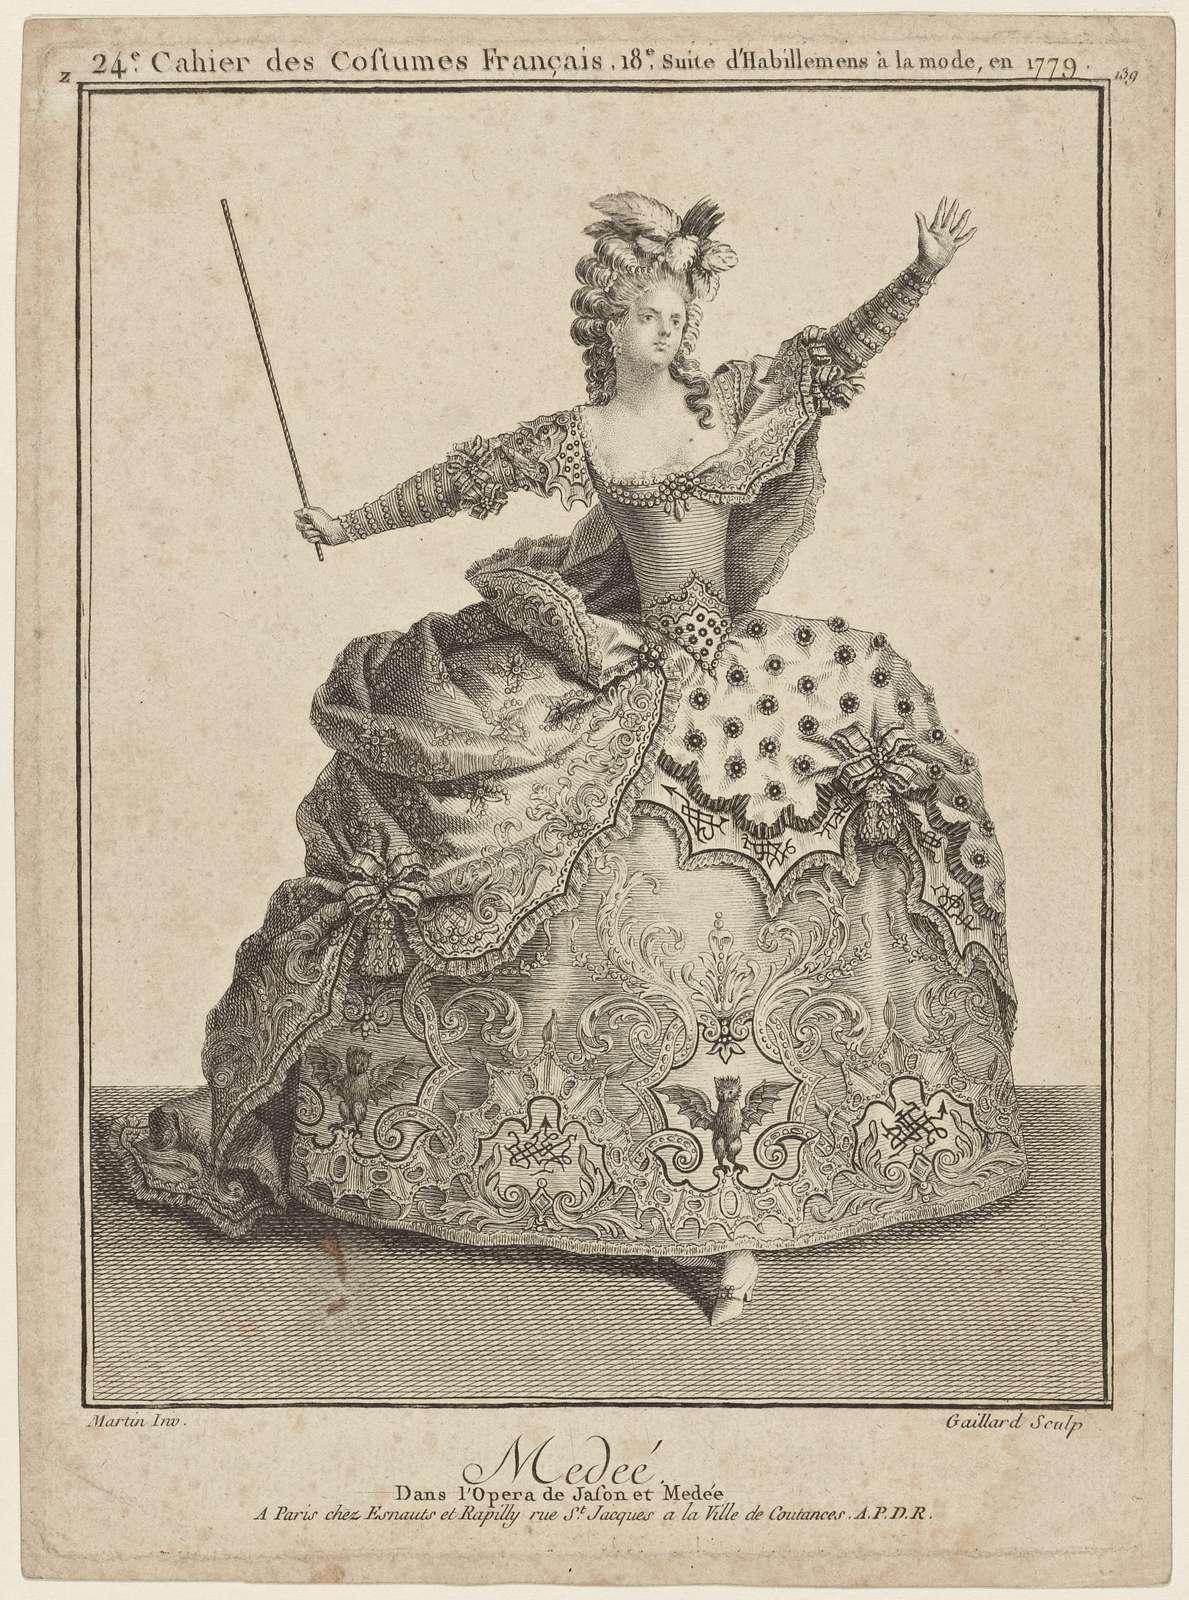 Medée, dans l'opéra de Jason et Medée